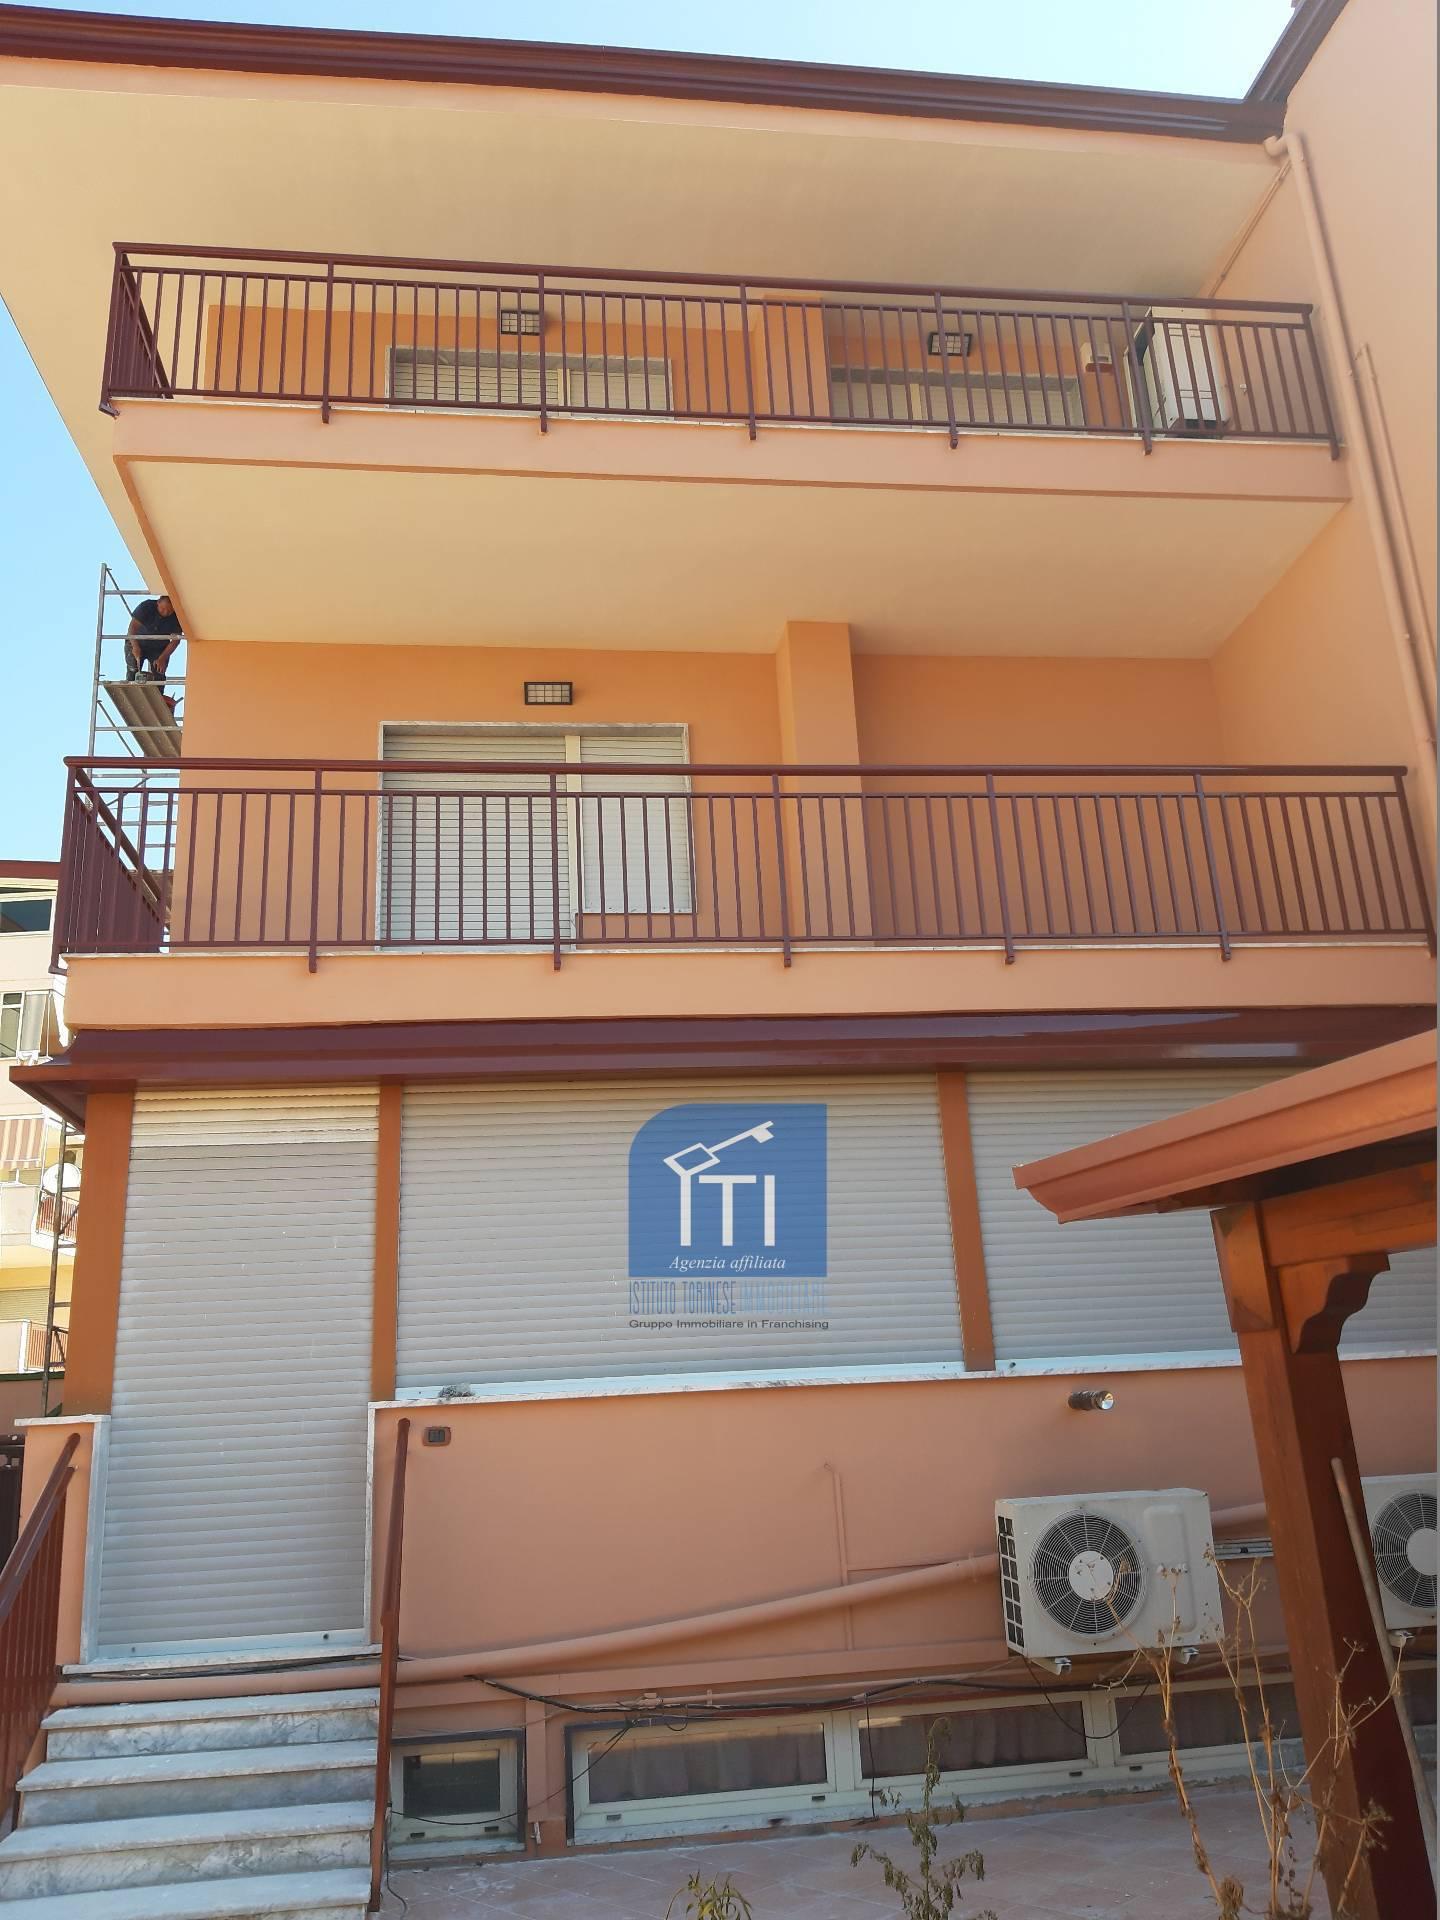 Villa in vendita a Aversa, 5 locali, zona Località: Centro, prezzo € 495.000 | CambioCasa.it